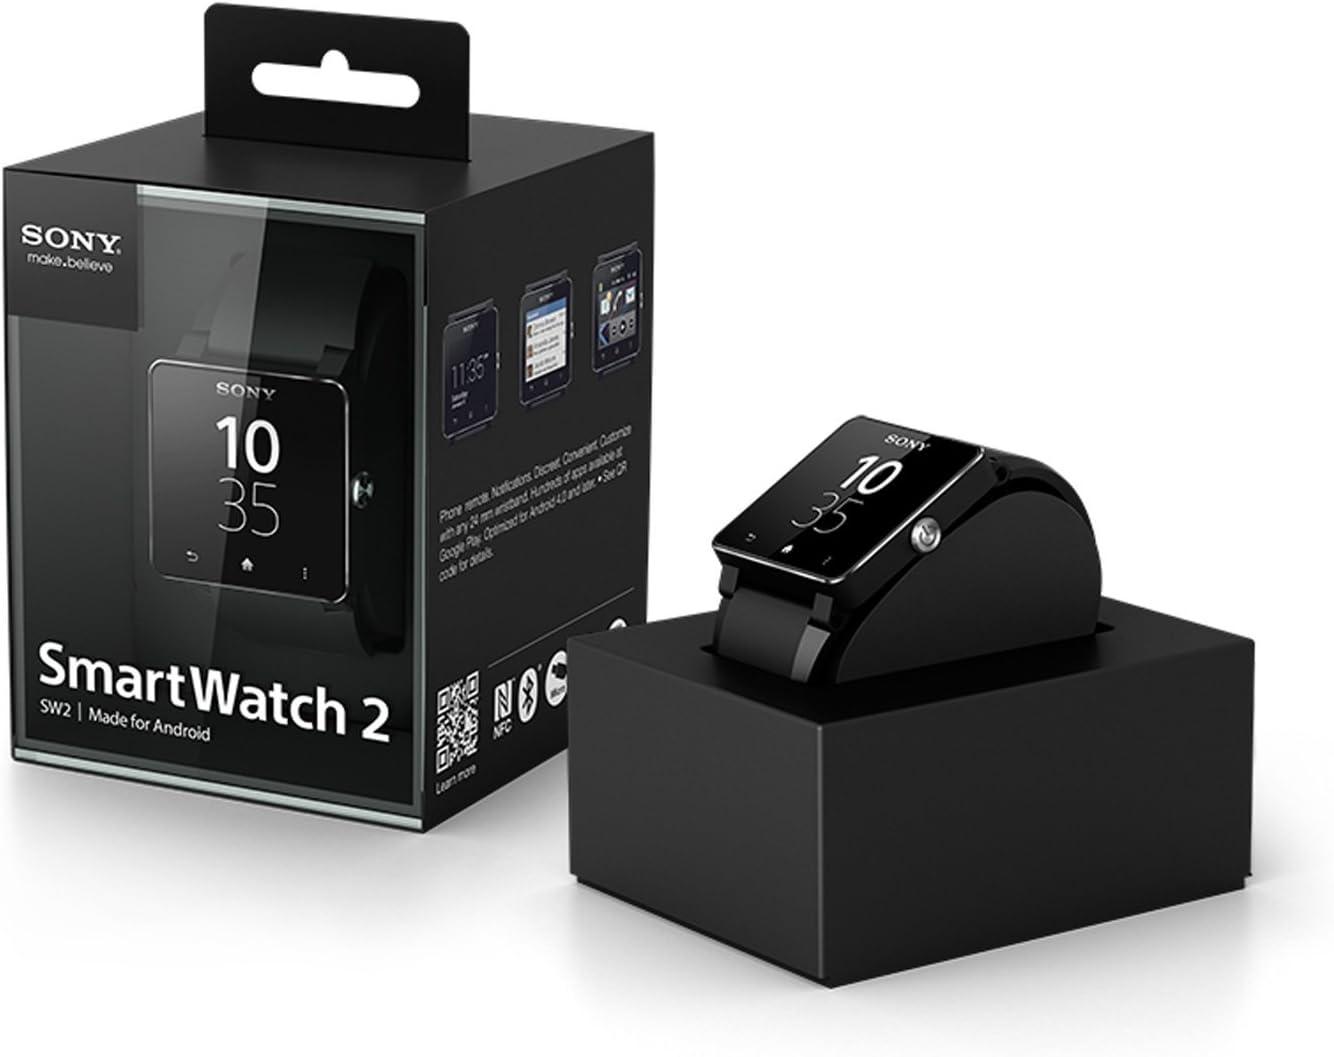 Amazon.com: Sony Mobile SW2 SmartWatch 2 by Sony® (Metal)